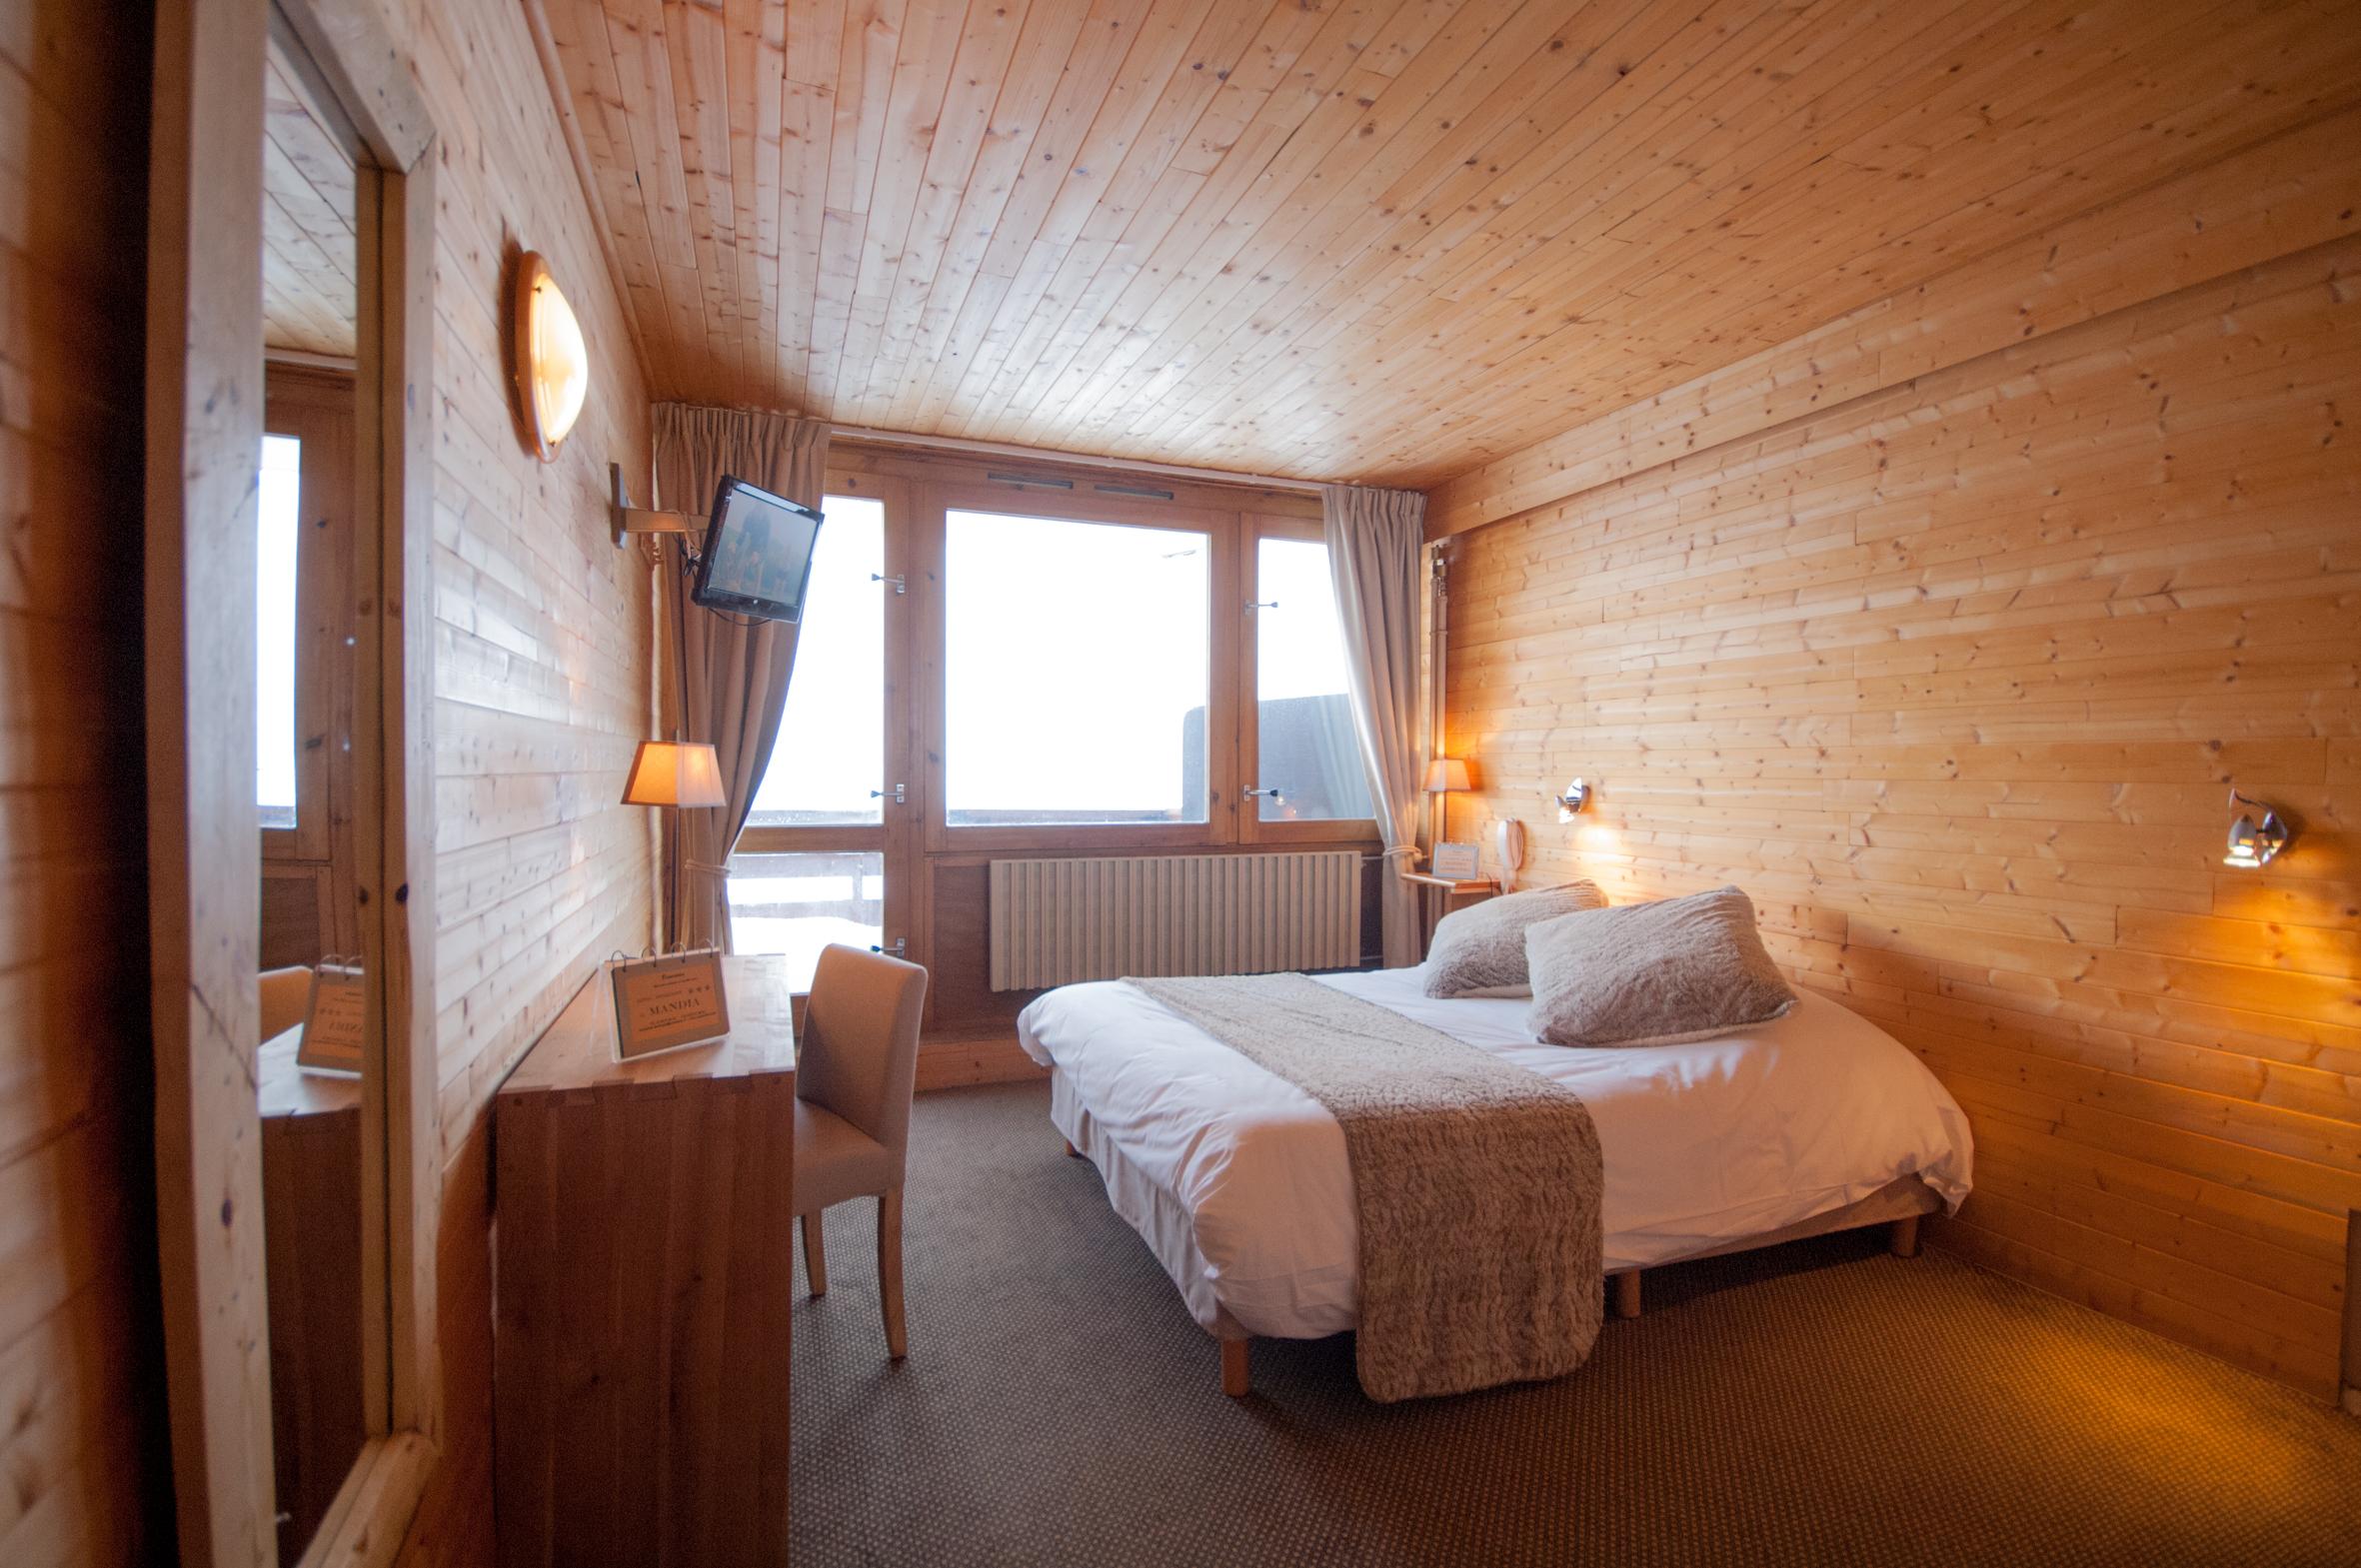 Photo d'une chambre bain de l'hôtel La Mandia, lit double, lit simple pour deux ou 3 personnes. Balcon avec vue sur les pistes de ski du Grand Tourmalet à La Mongie dans les Pyrénées.